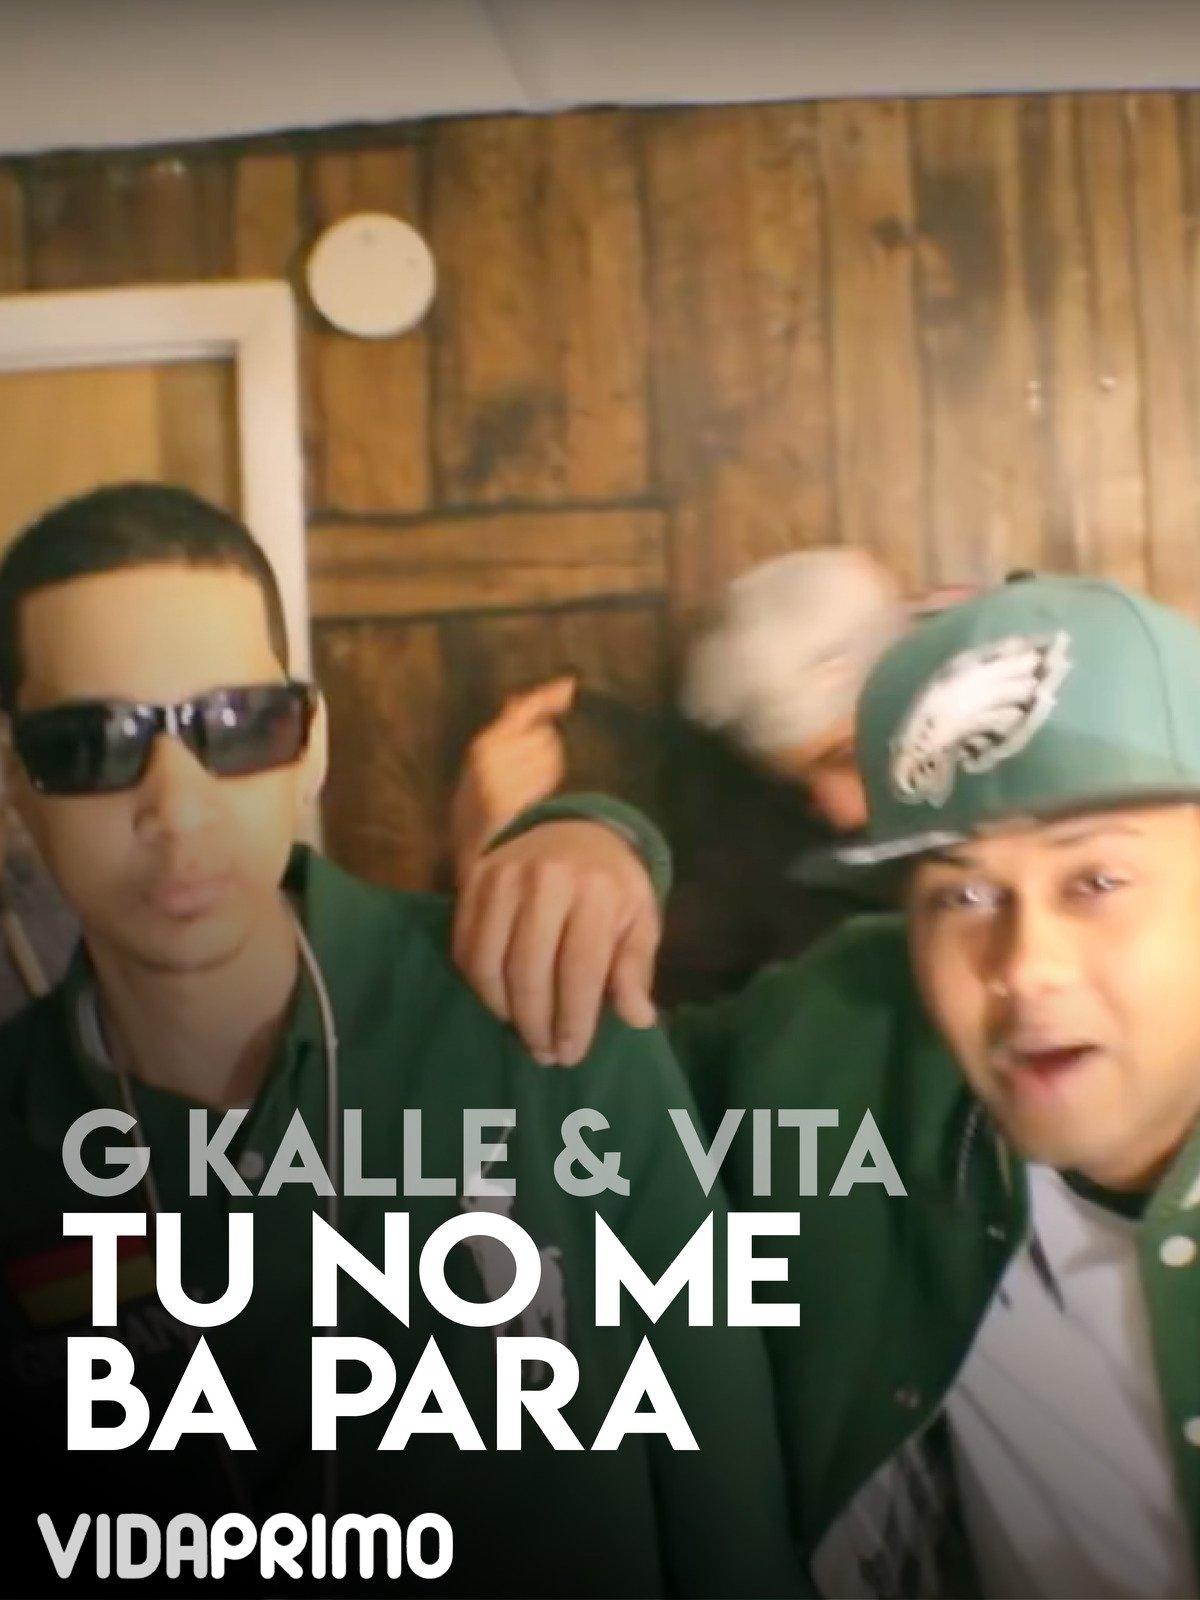 G Kalle & Vita